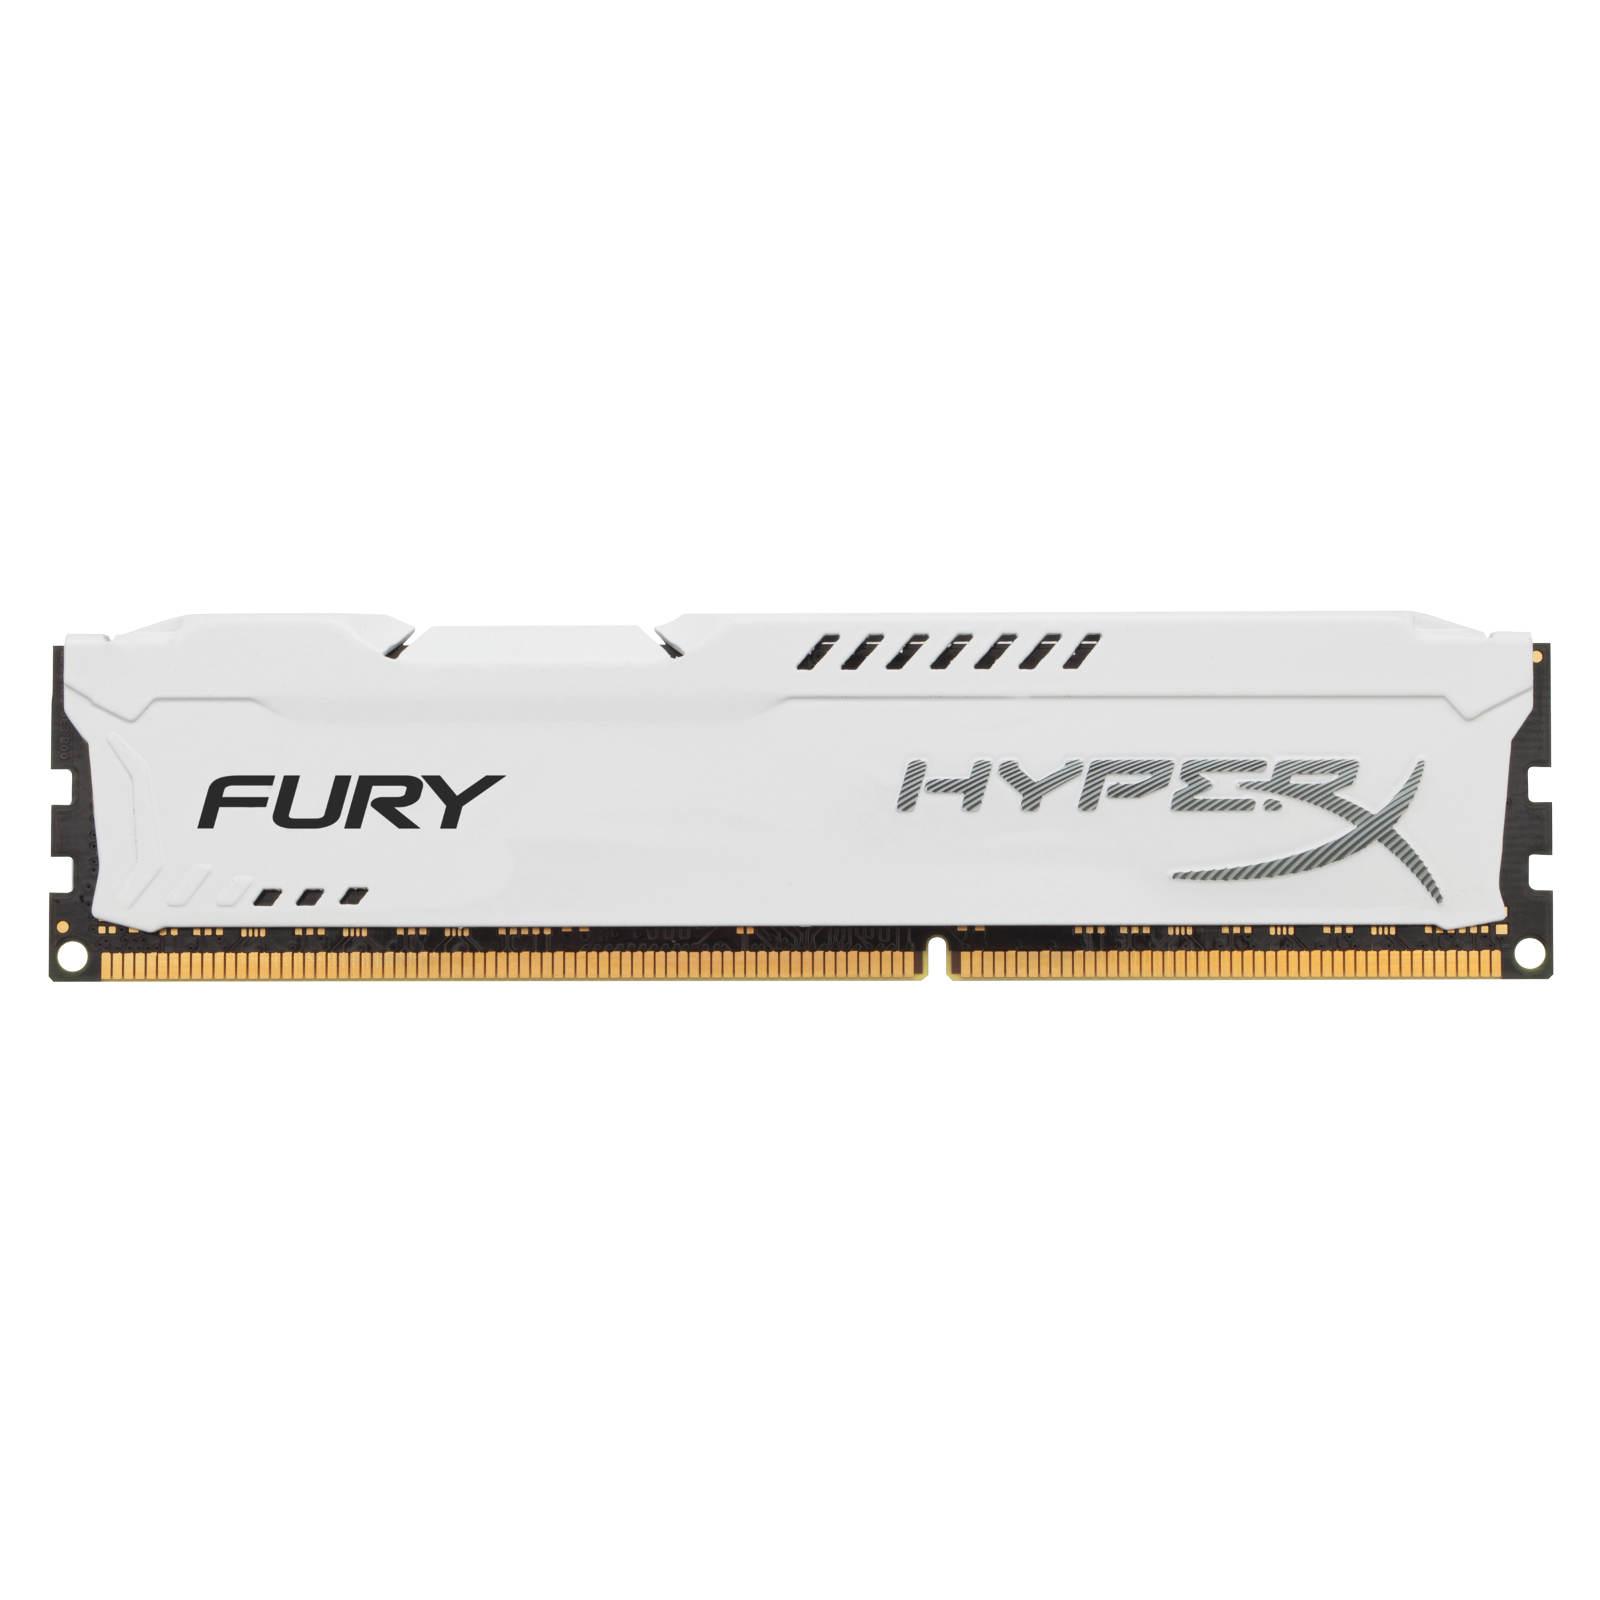 Mémoire PC HyperX Fury 4 Go DDR3 1333 MHz CL9 RAM DDR3 PC10600 - HX313C9FW/4 (garantie à vie par Kingston)